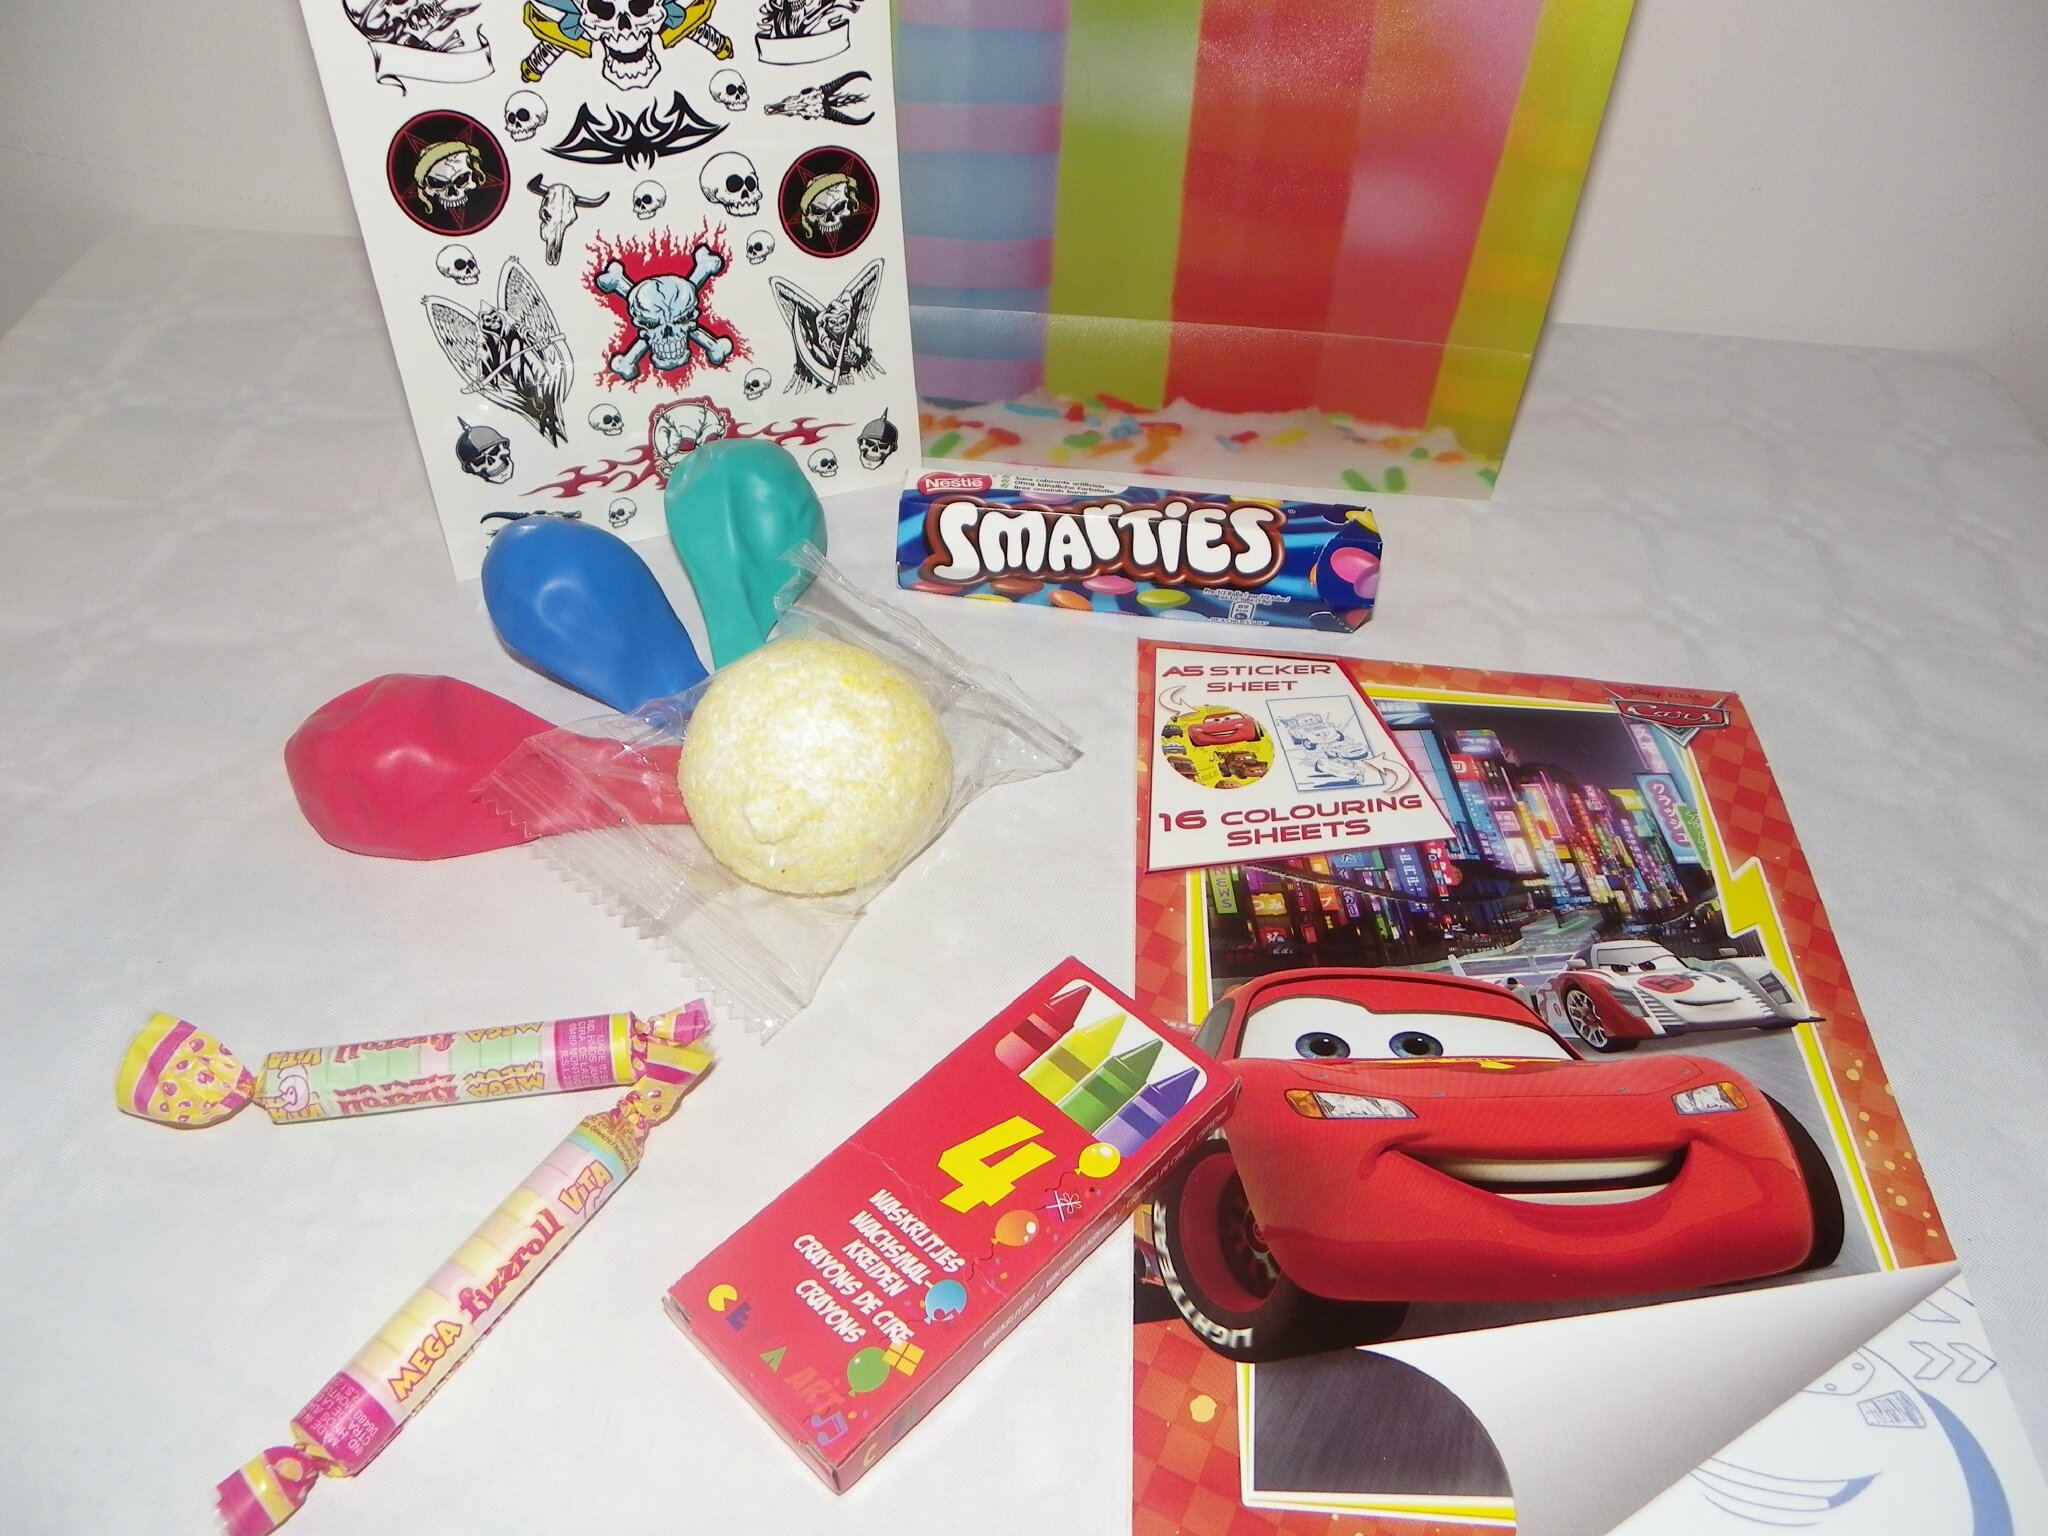 Pochette Surprise Anniversaire.Sachets Surprises Box Toutes Pretes Pour Anniversaire